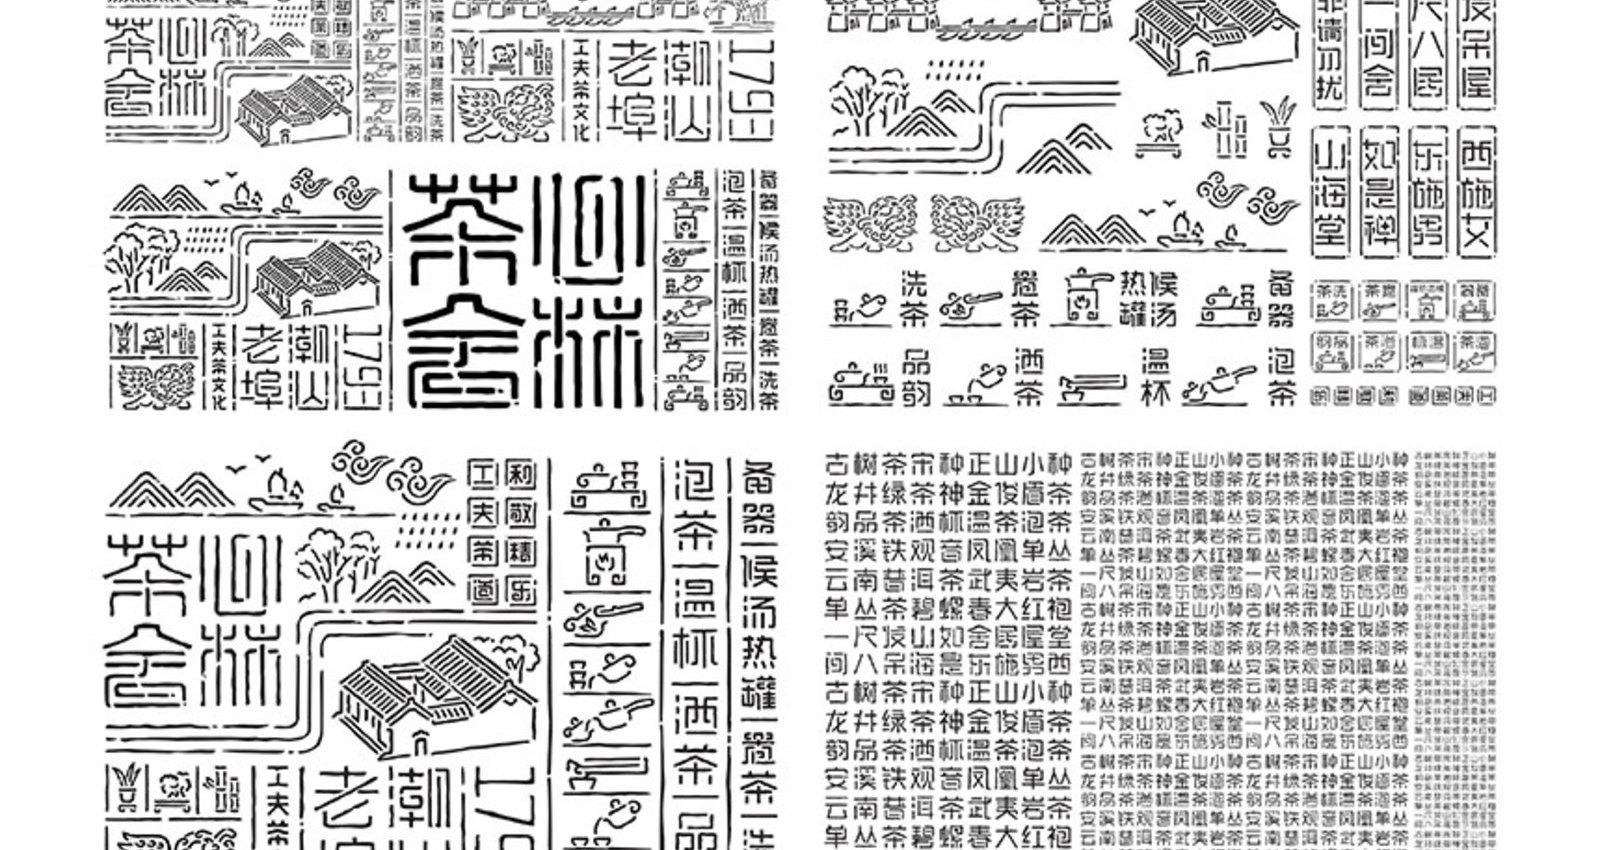 XINLIN TEAHOUSE-1793 Chaoshan old port Gongfu tea culture